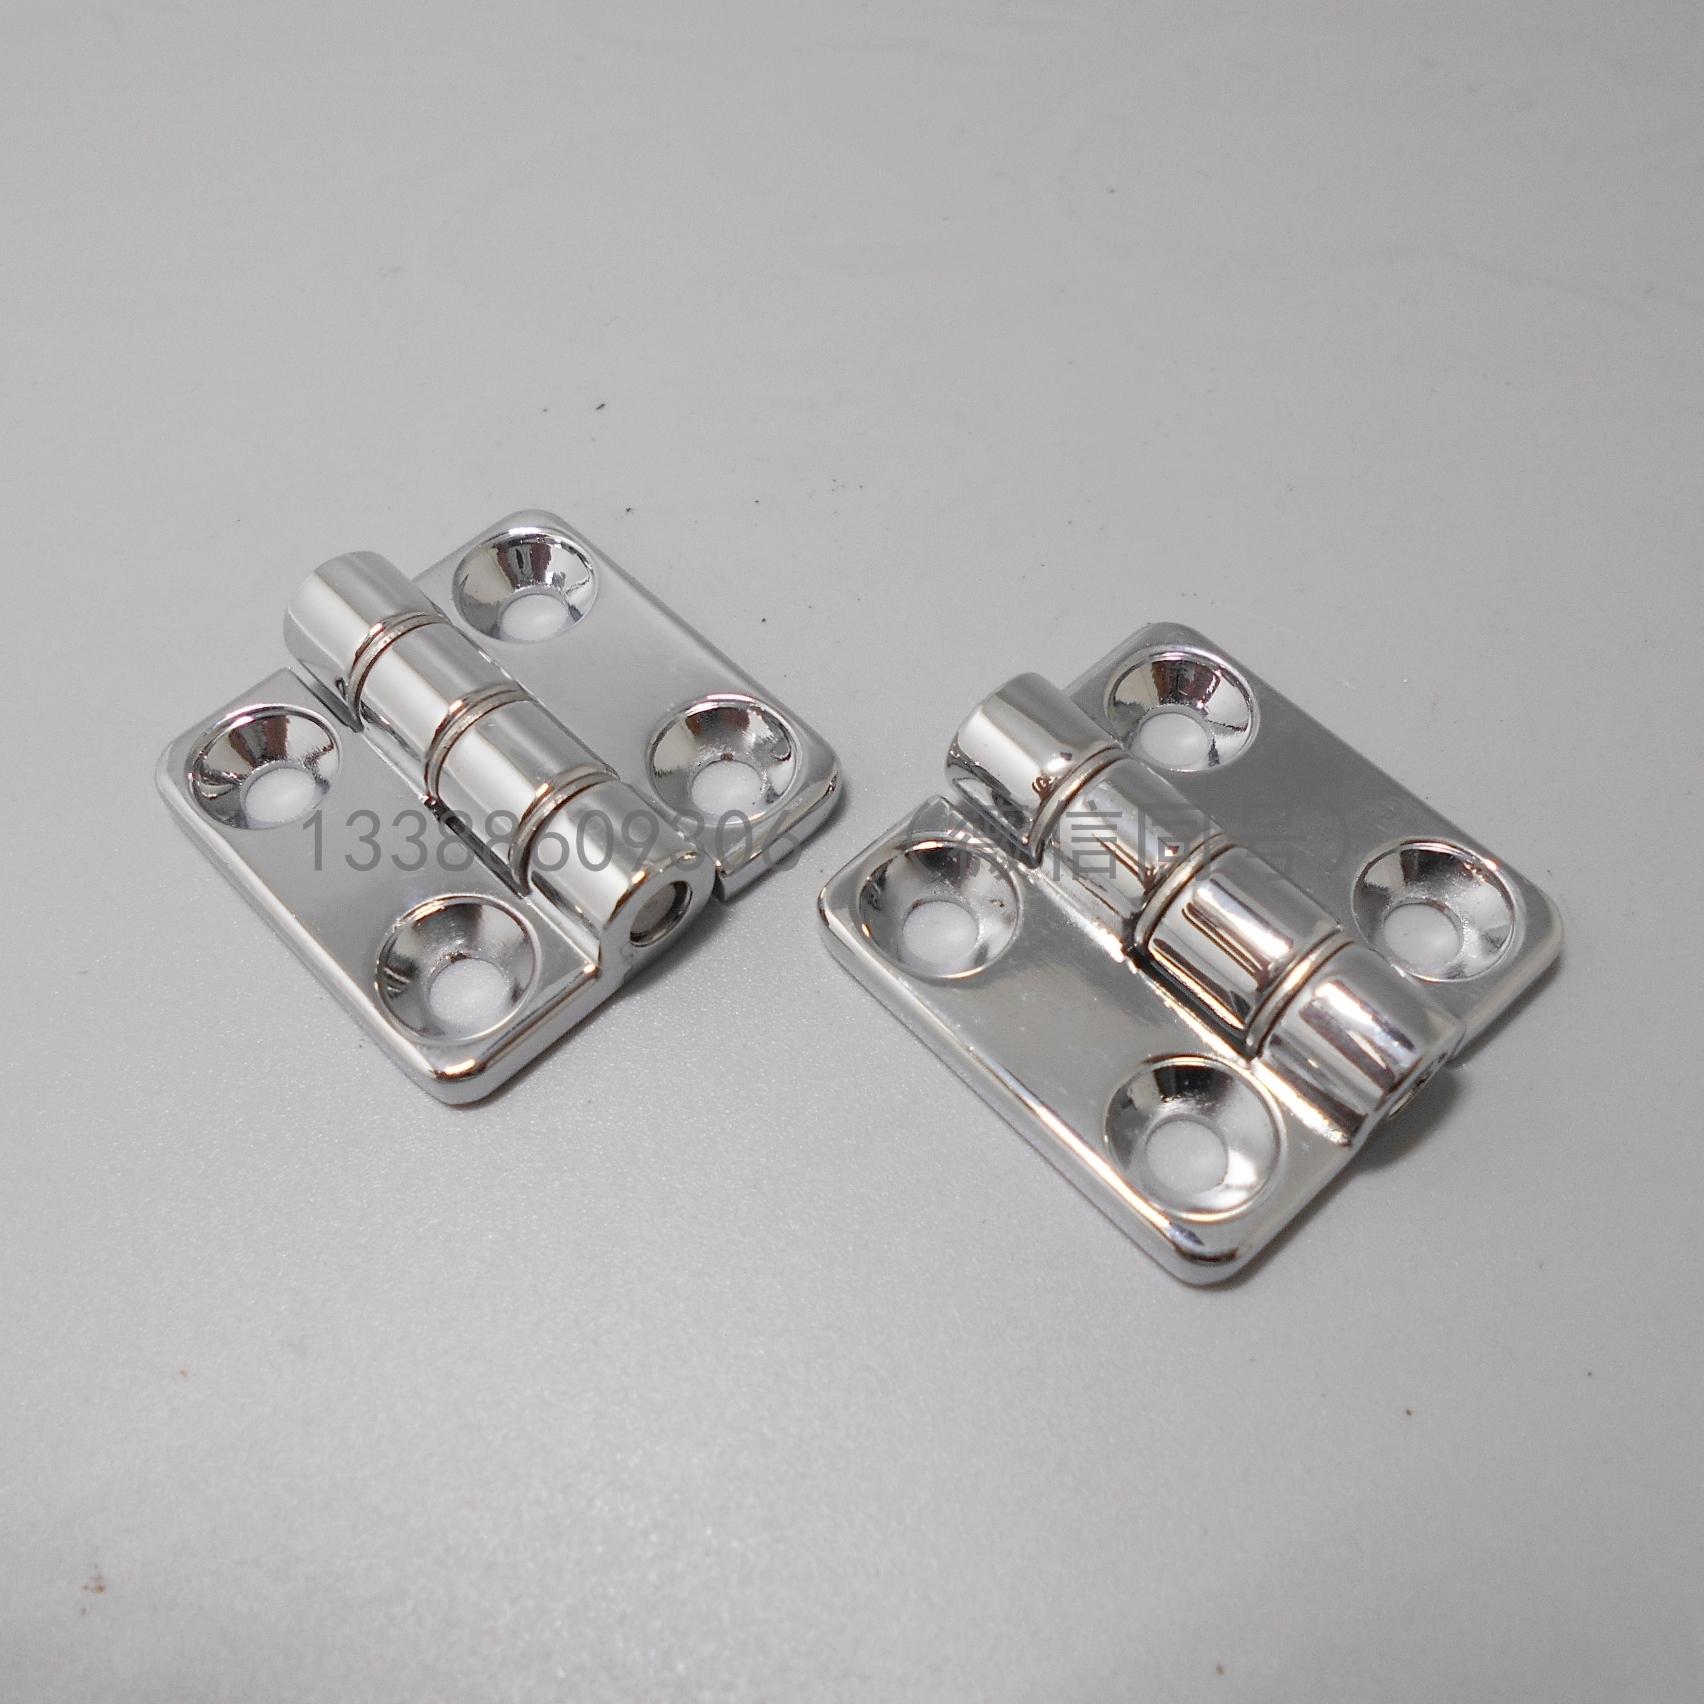 エレガントな明装亜鉛合金ヒンジピンシャフト角丸陈孔小ステンレスヒンジ30 mm×30 mm